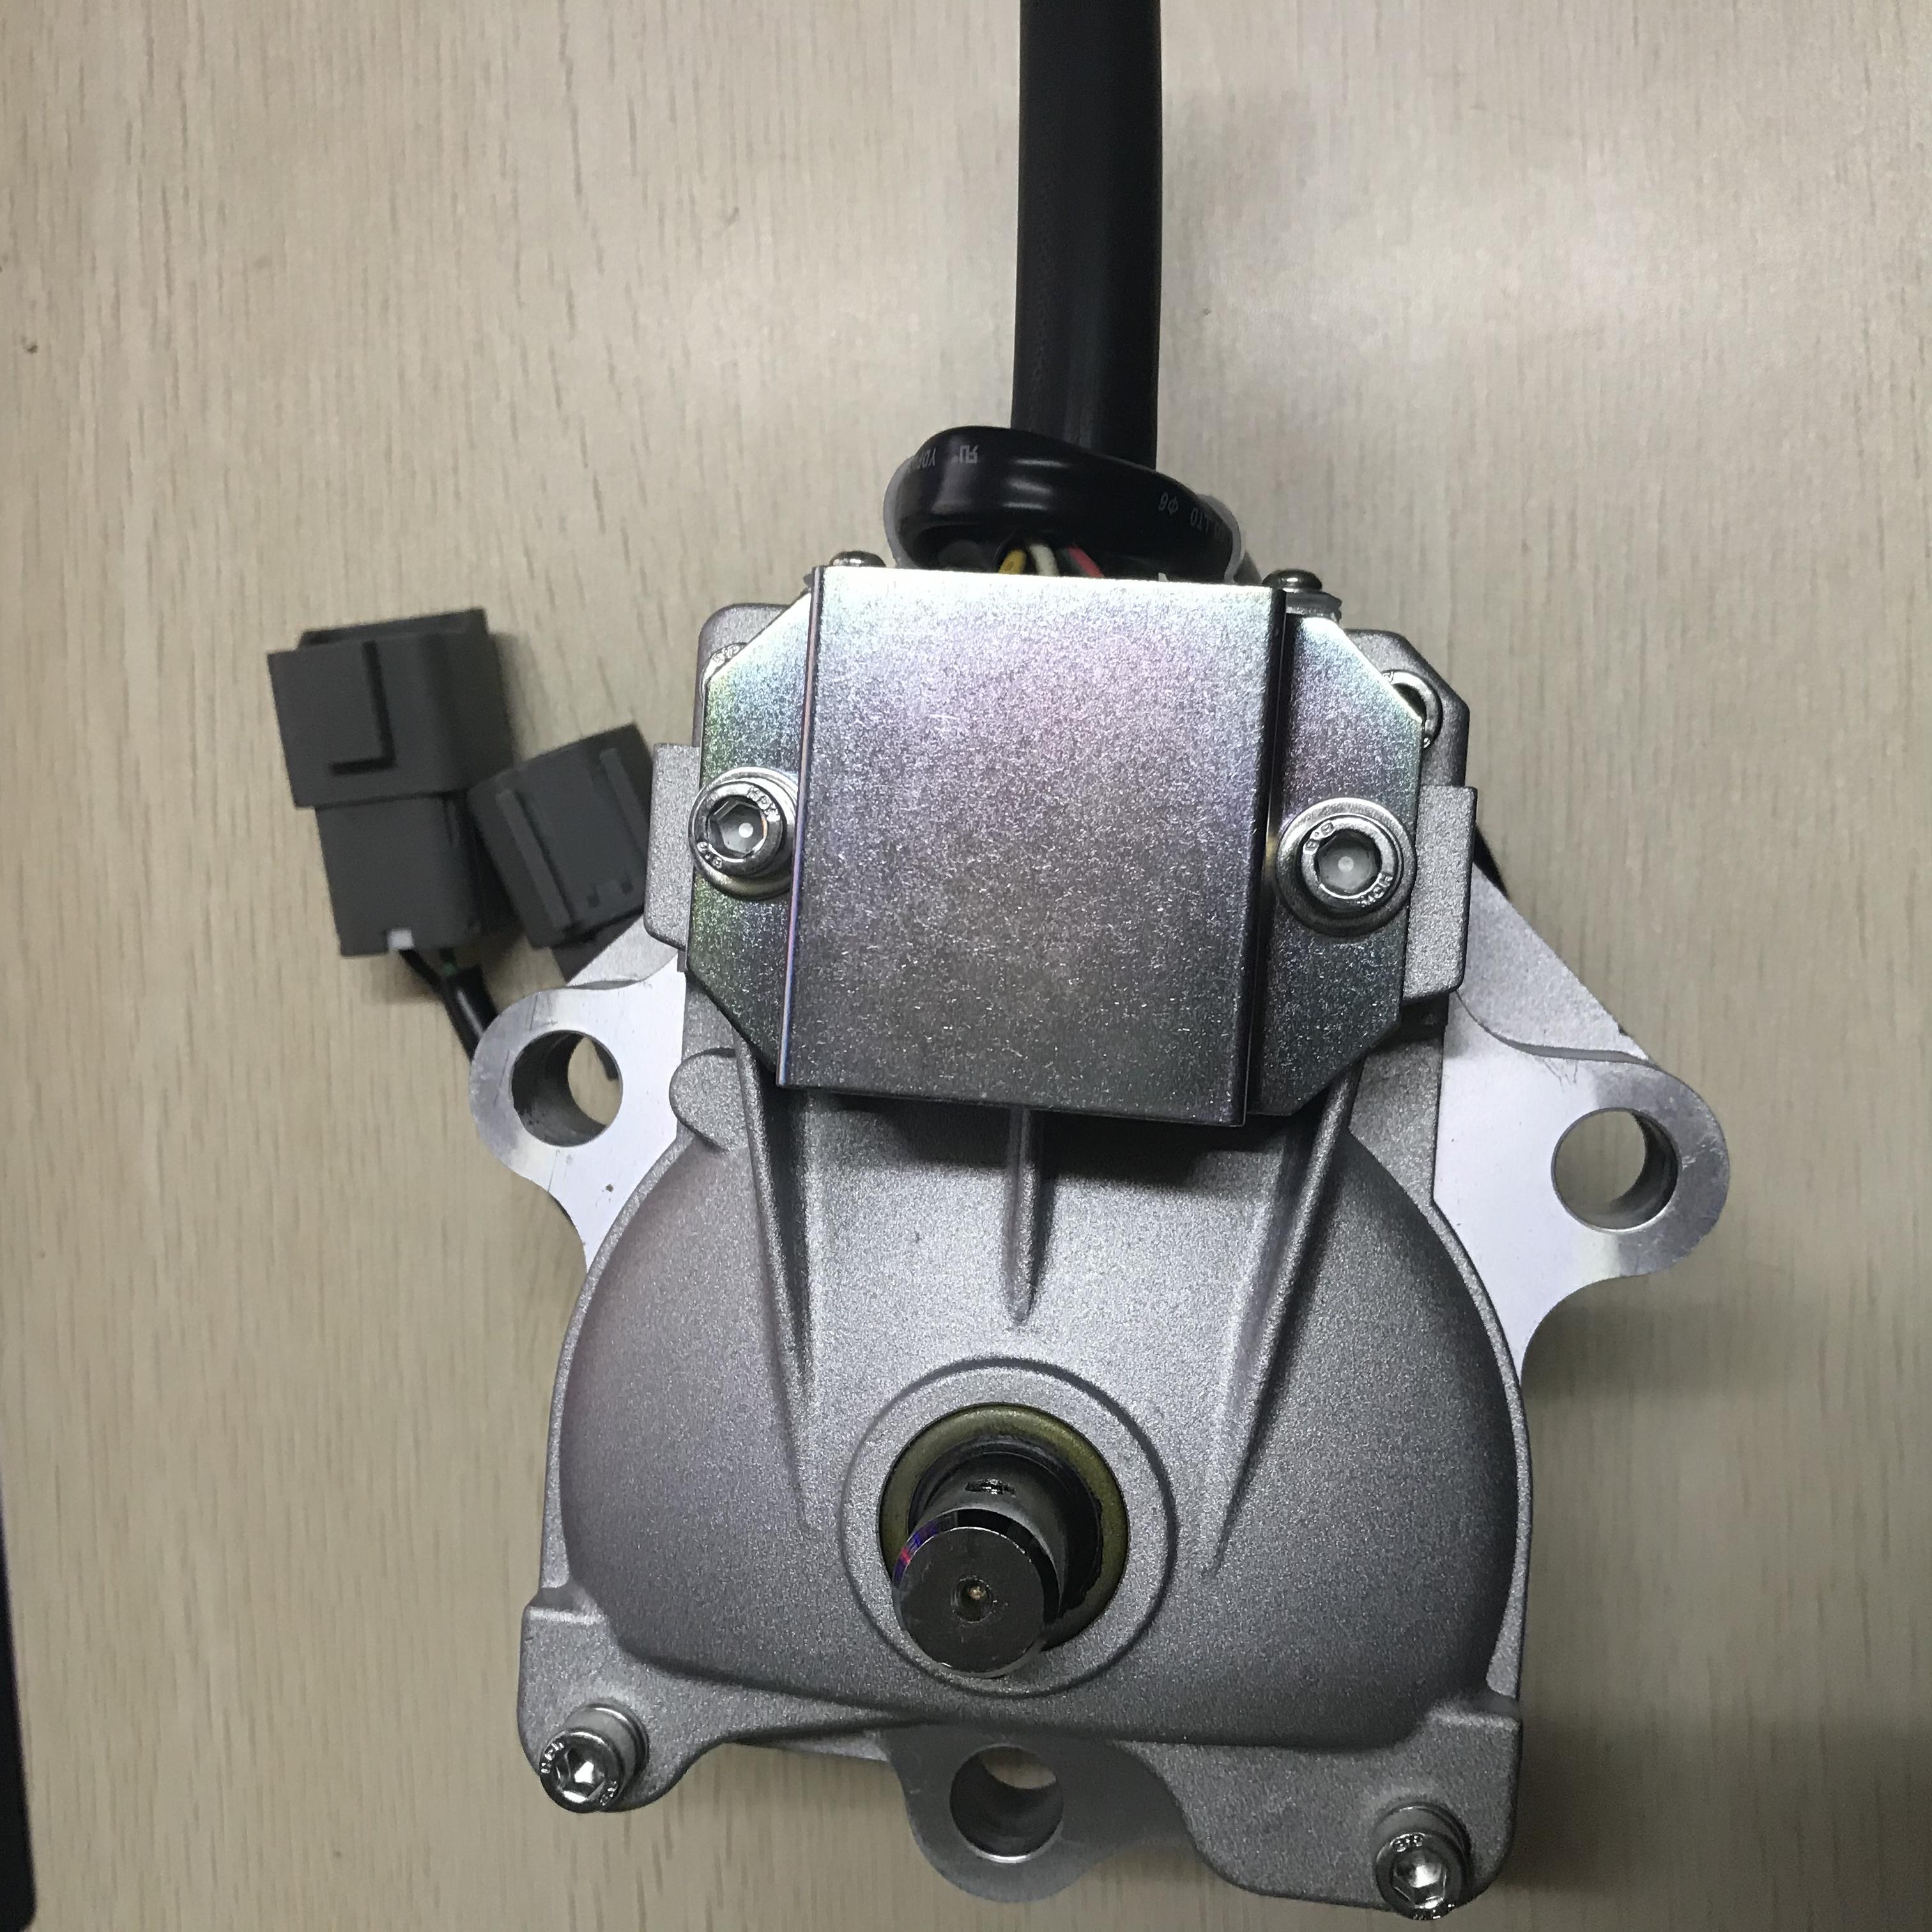 굴삭기 액세서리 KOMATSU 스로틀 모터 7834-40-2000 / 2,003분의 2,001 적용 모델 : PC100-6 / PC120-6 / PC200-6 / PC220-6 / PC300-6 / PC400-6